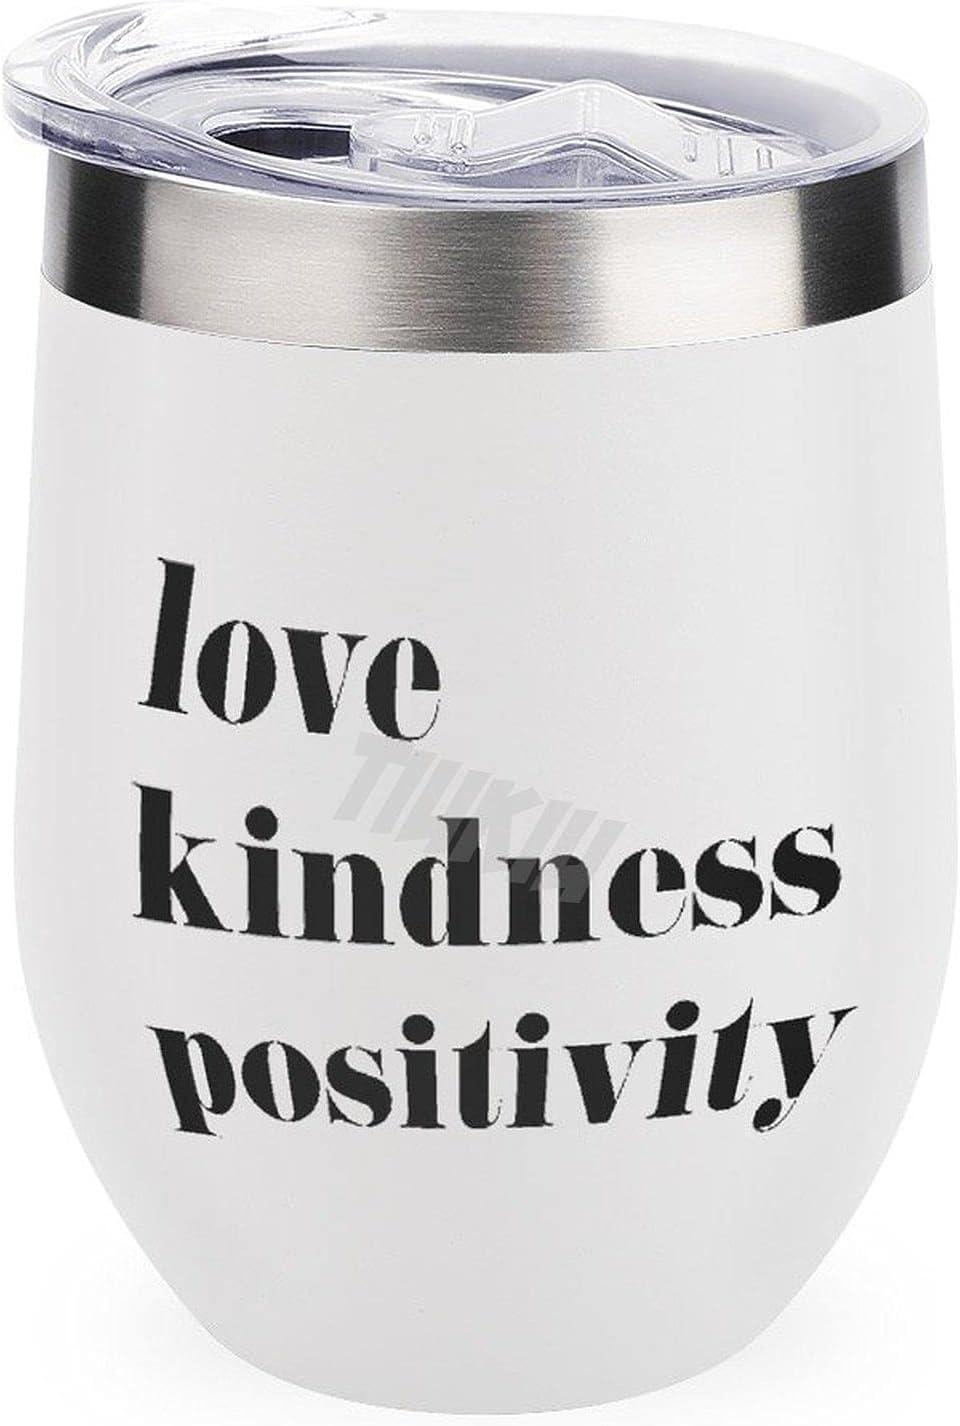 Vaso de viaje para acampar al aire libre taza vino amor bondad positividad buena vibes mantra 12 oz vino vaso taza con tapa